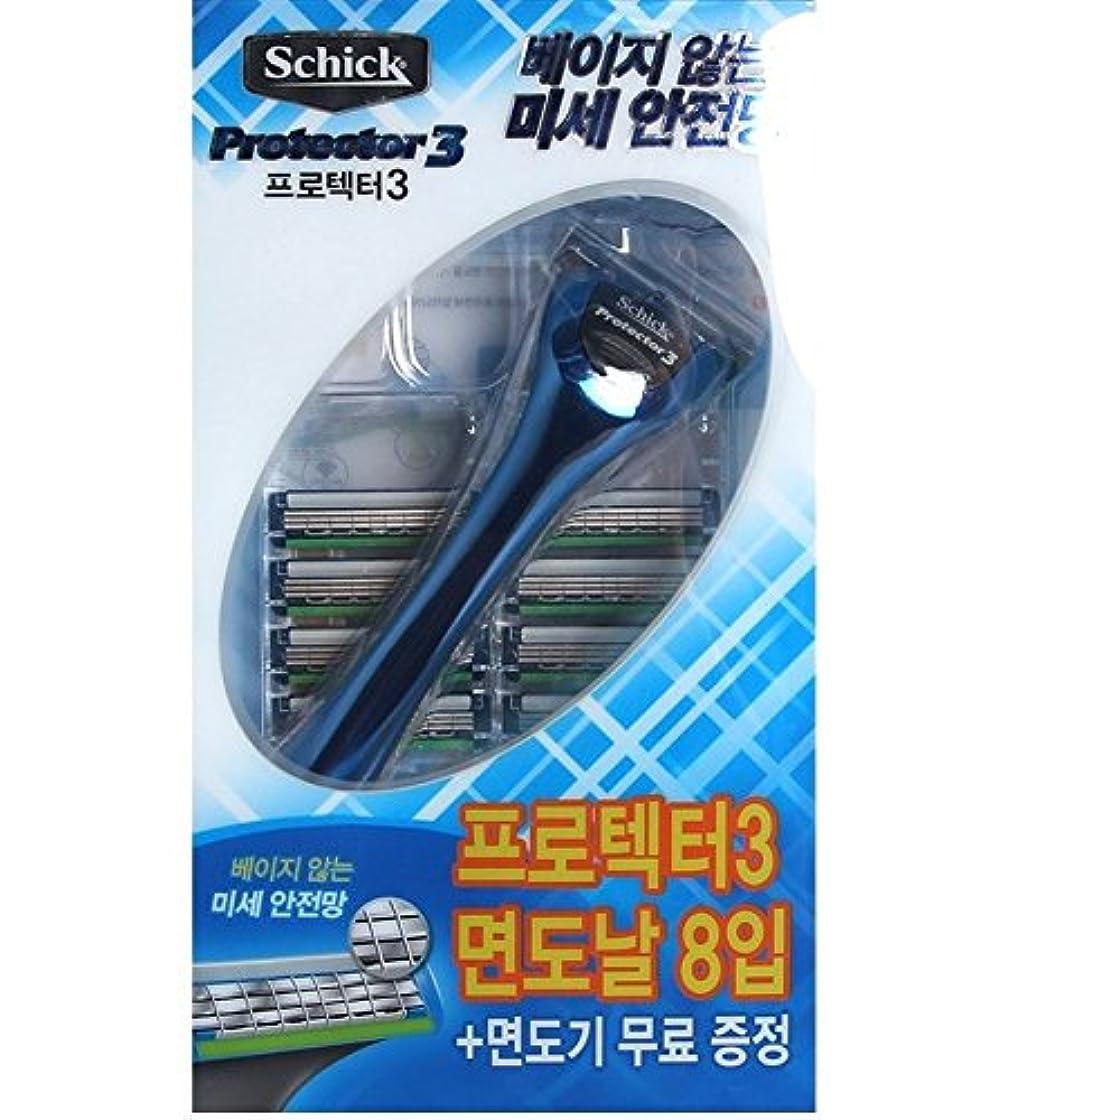 漏れ息切れ論文Schick Protector3 1レイザー+9カートリッジリフィルブレイド [並行輸入品]